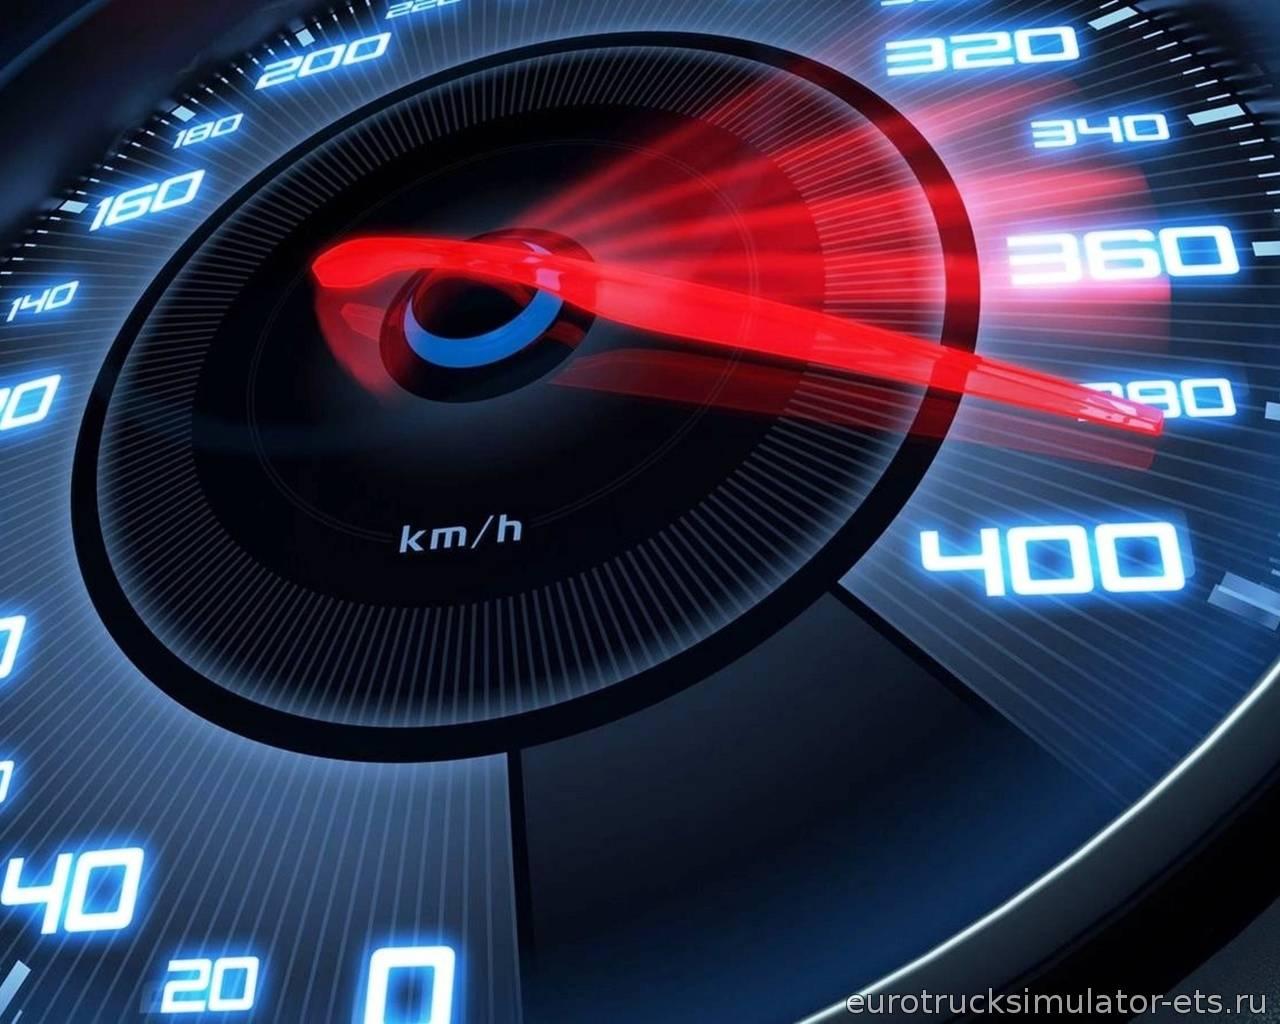 Скачать Как отключить штрафы в Euro Truck Simulator 2 бесплатно